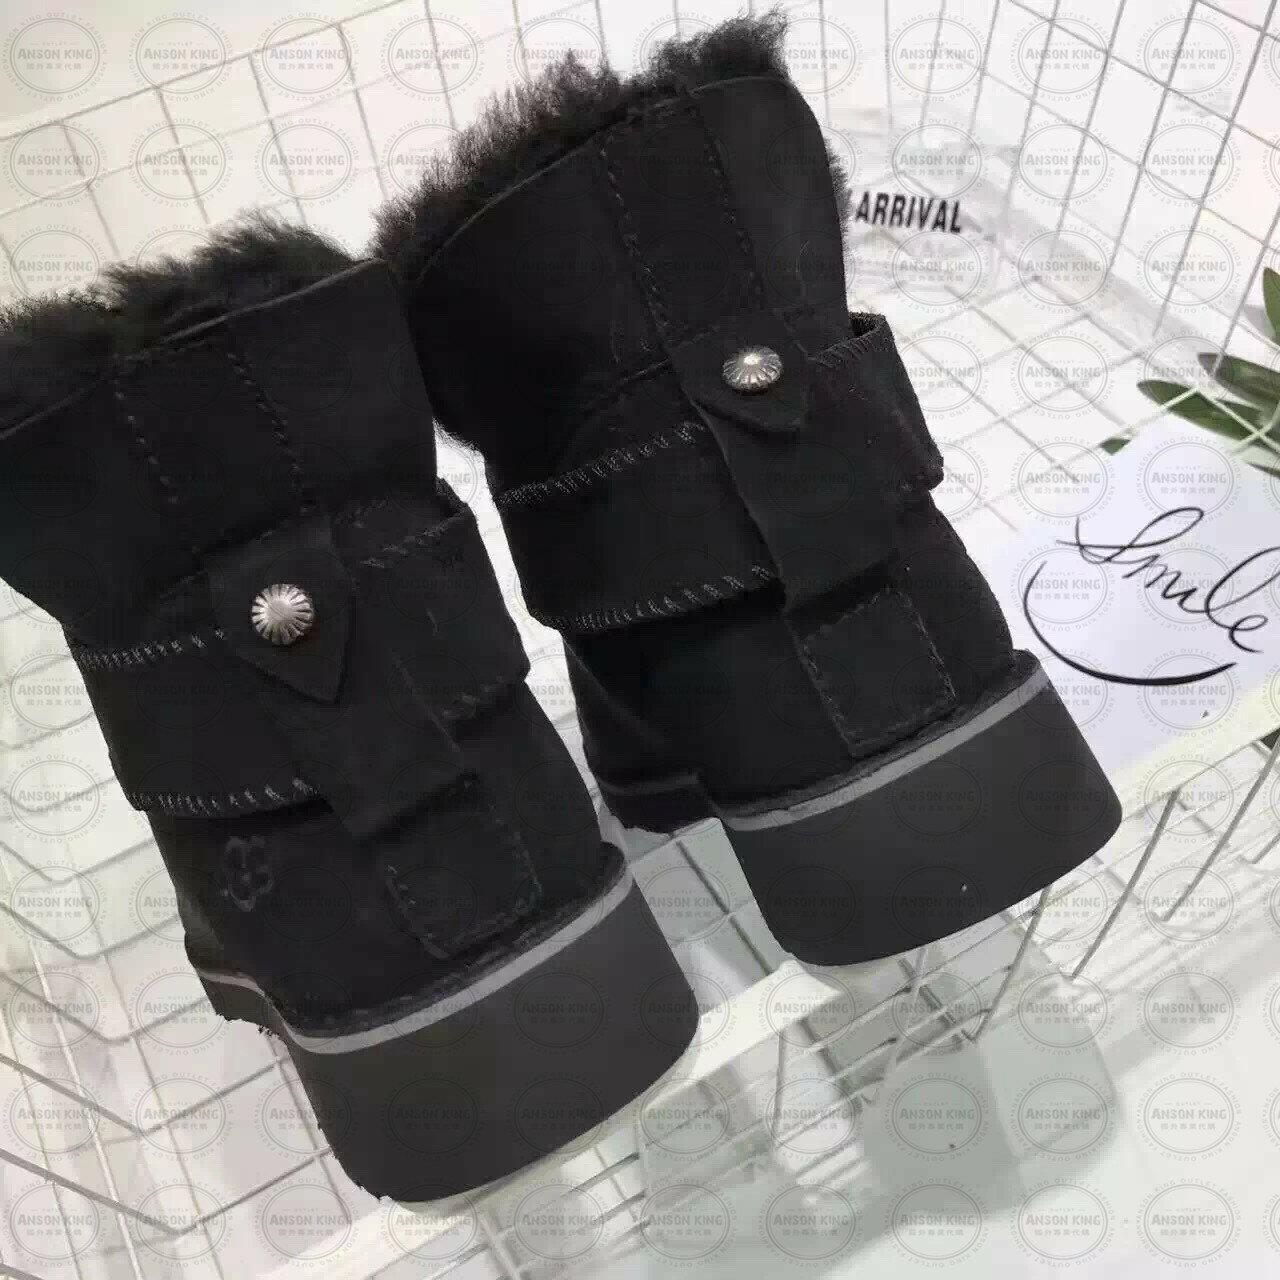 OUTLET正品代購 澳洲 UGG 羊皮毛一體馬汀靴 中長靴 保暖 真皮羊皮毛 雪靴 短靴 黑色 3